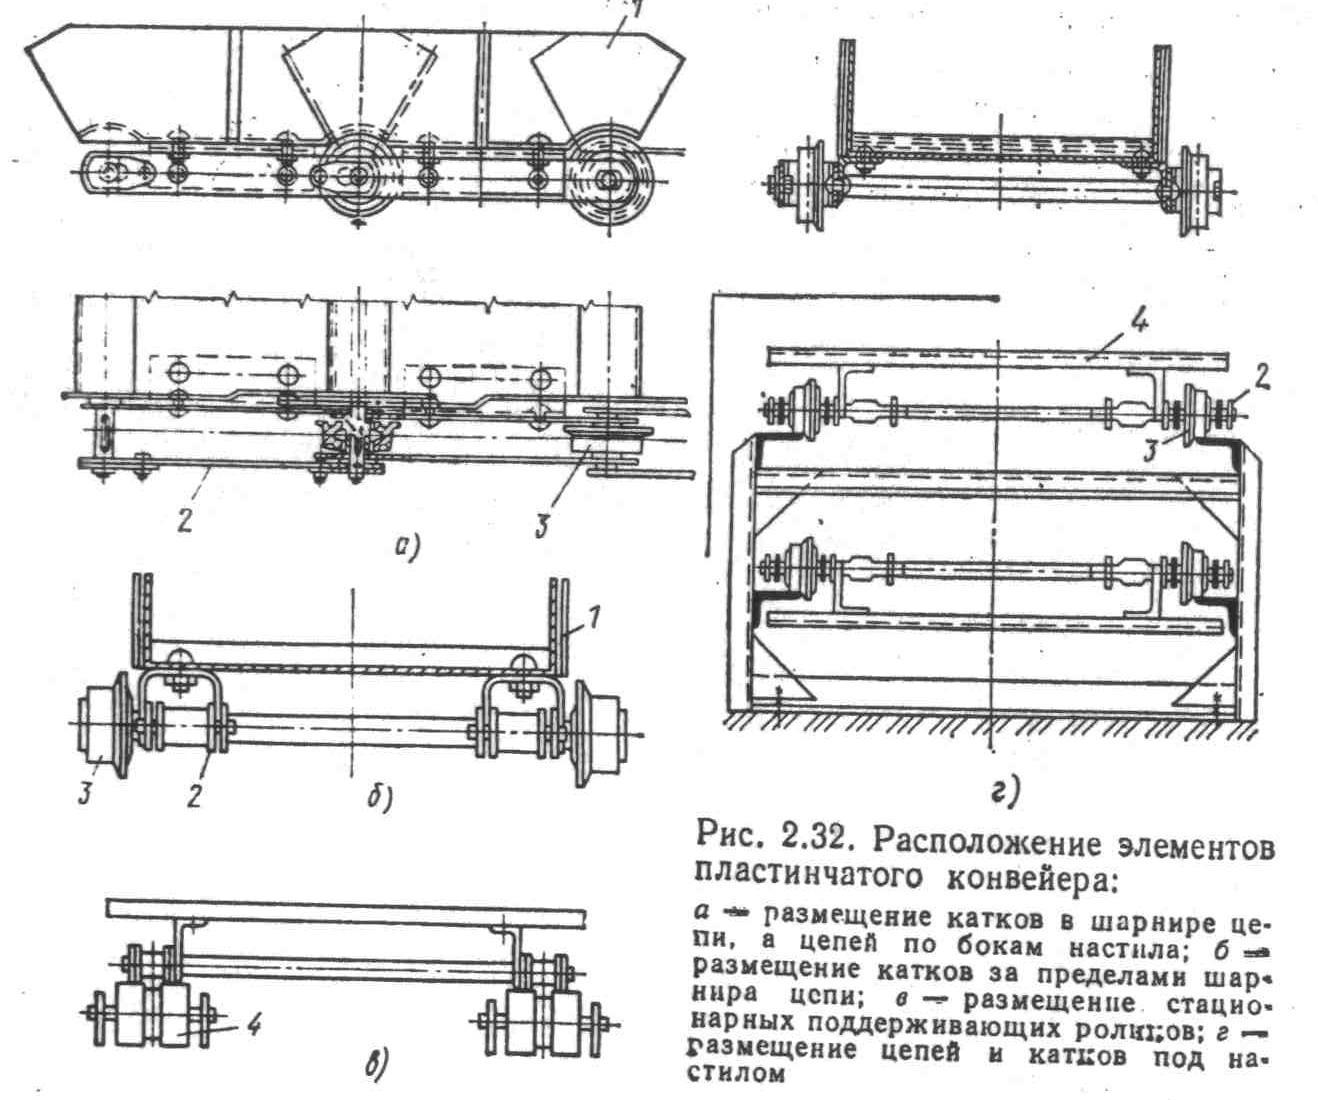 Конвейеры пластинчатые общего назначения транспортер т4 ремонт порогов